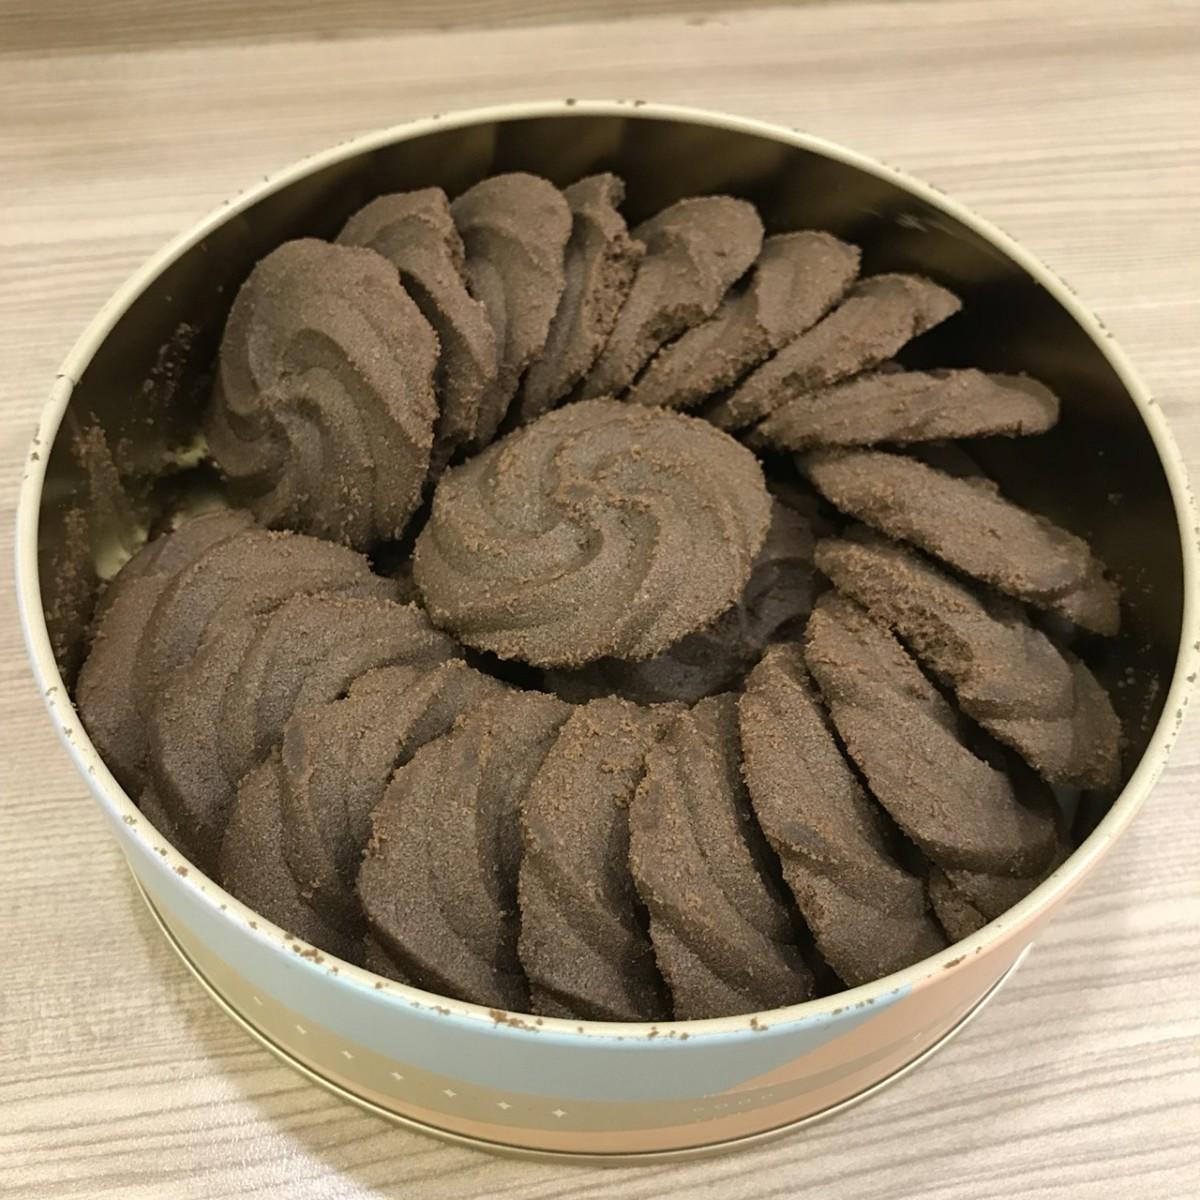 可愛的鐵盒甜點-國王你好-濃黑巧克力手工曲奇,100%純可可粉融注,成就噴香酥脆的一口完美~ 宅配食記 攝影 民生資訊分享 飲食集錦